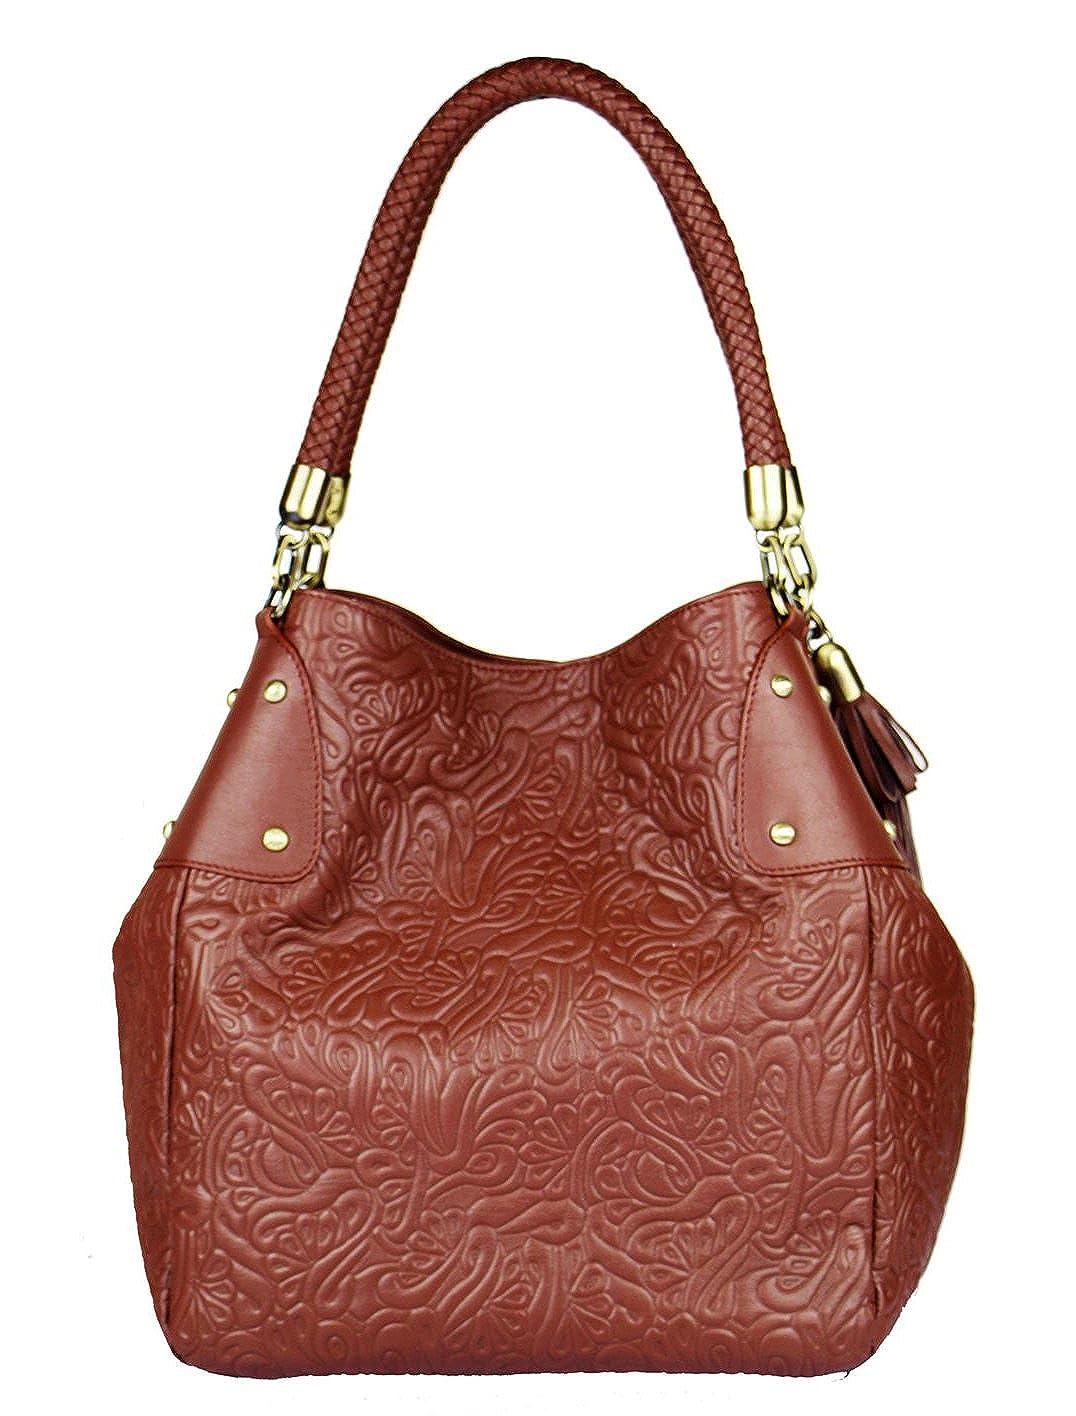 7d89cb760dc7 SILVIO TOSSI - Swiss Label Henkeltasche braun  Amazon.de  Schuhe    Handtaschen